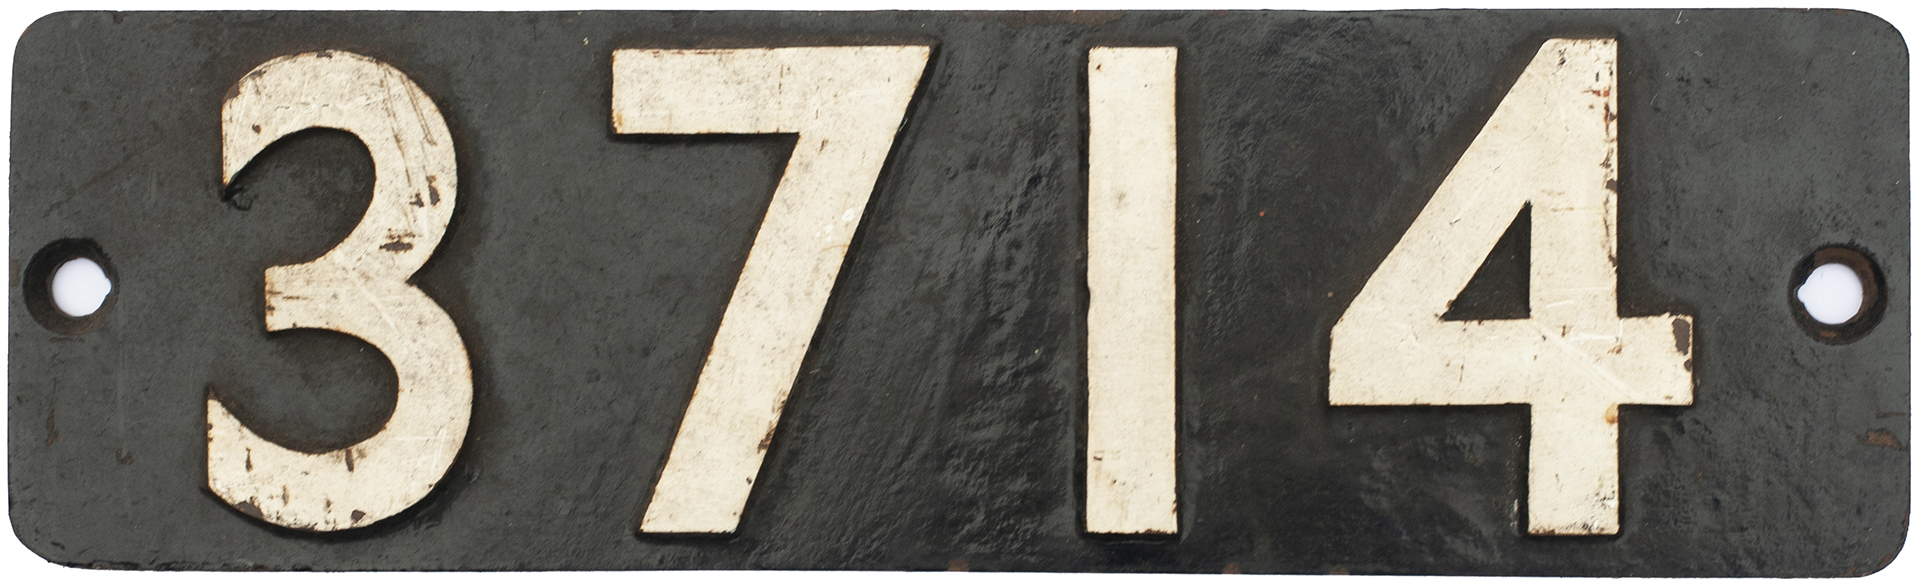 Smokebox Numberplate 3714 Ex GWR Collett 0-6-0 PT